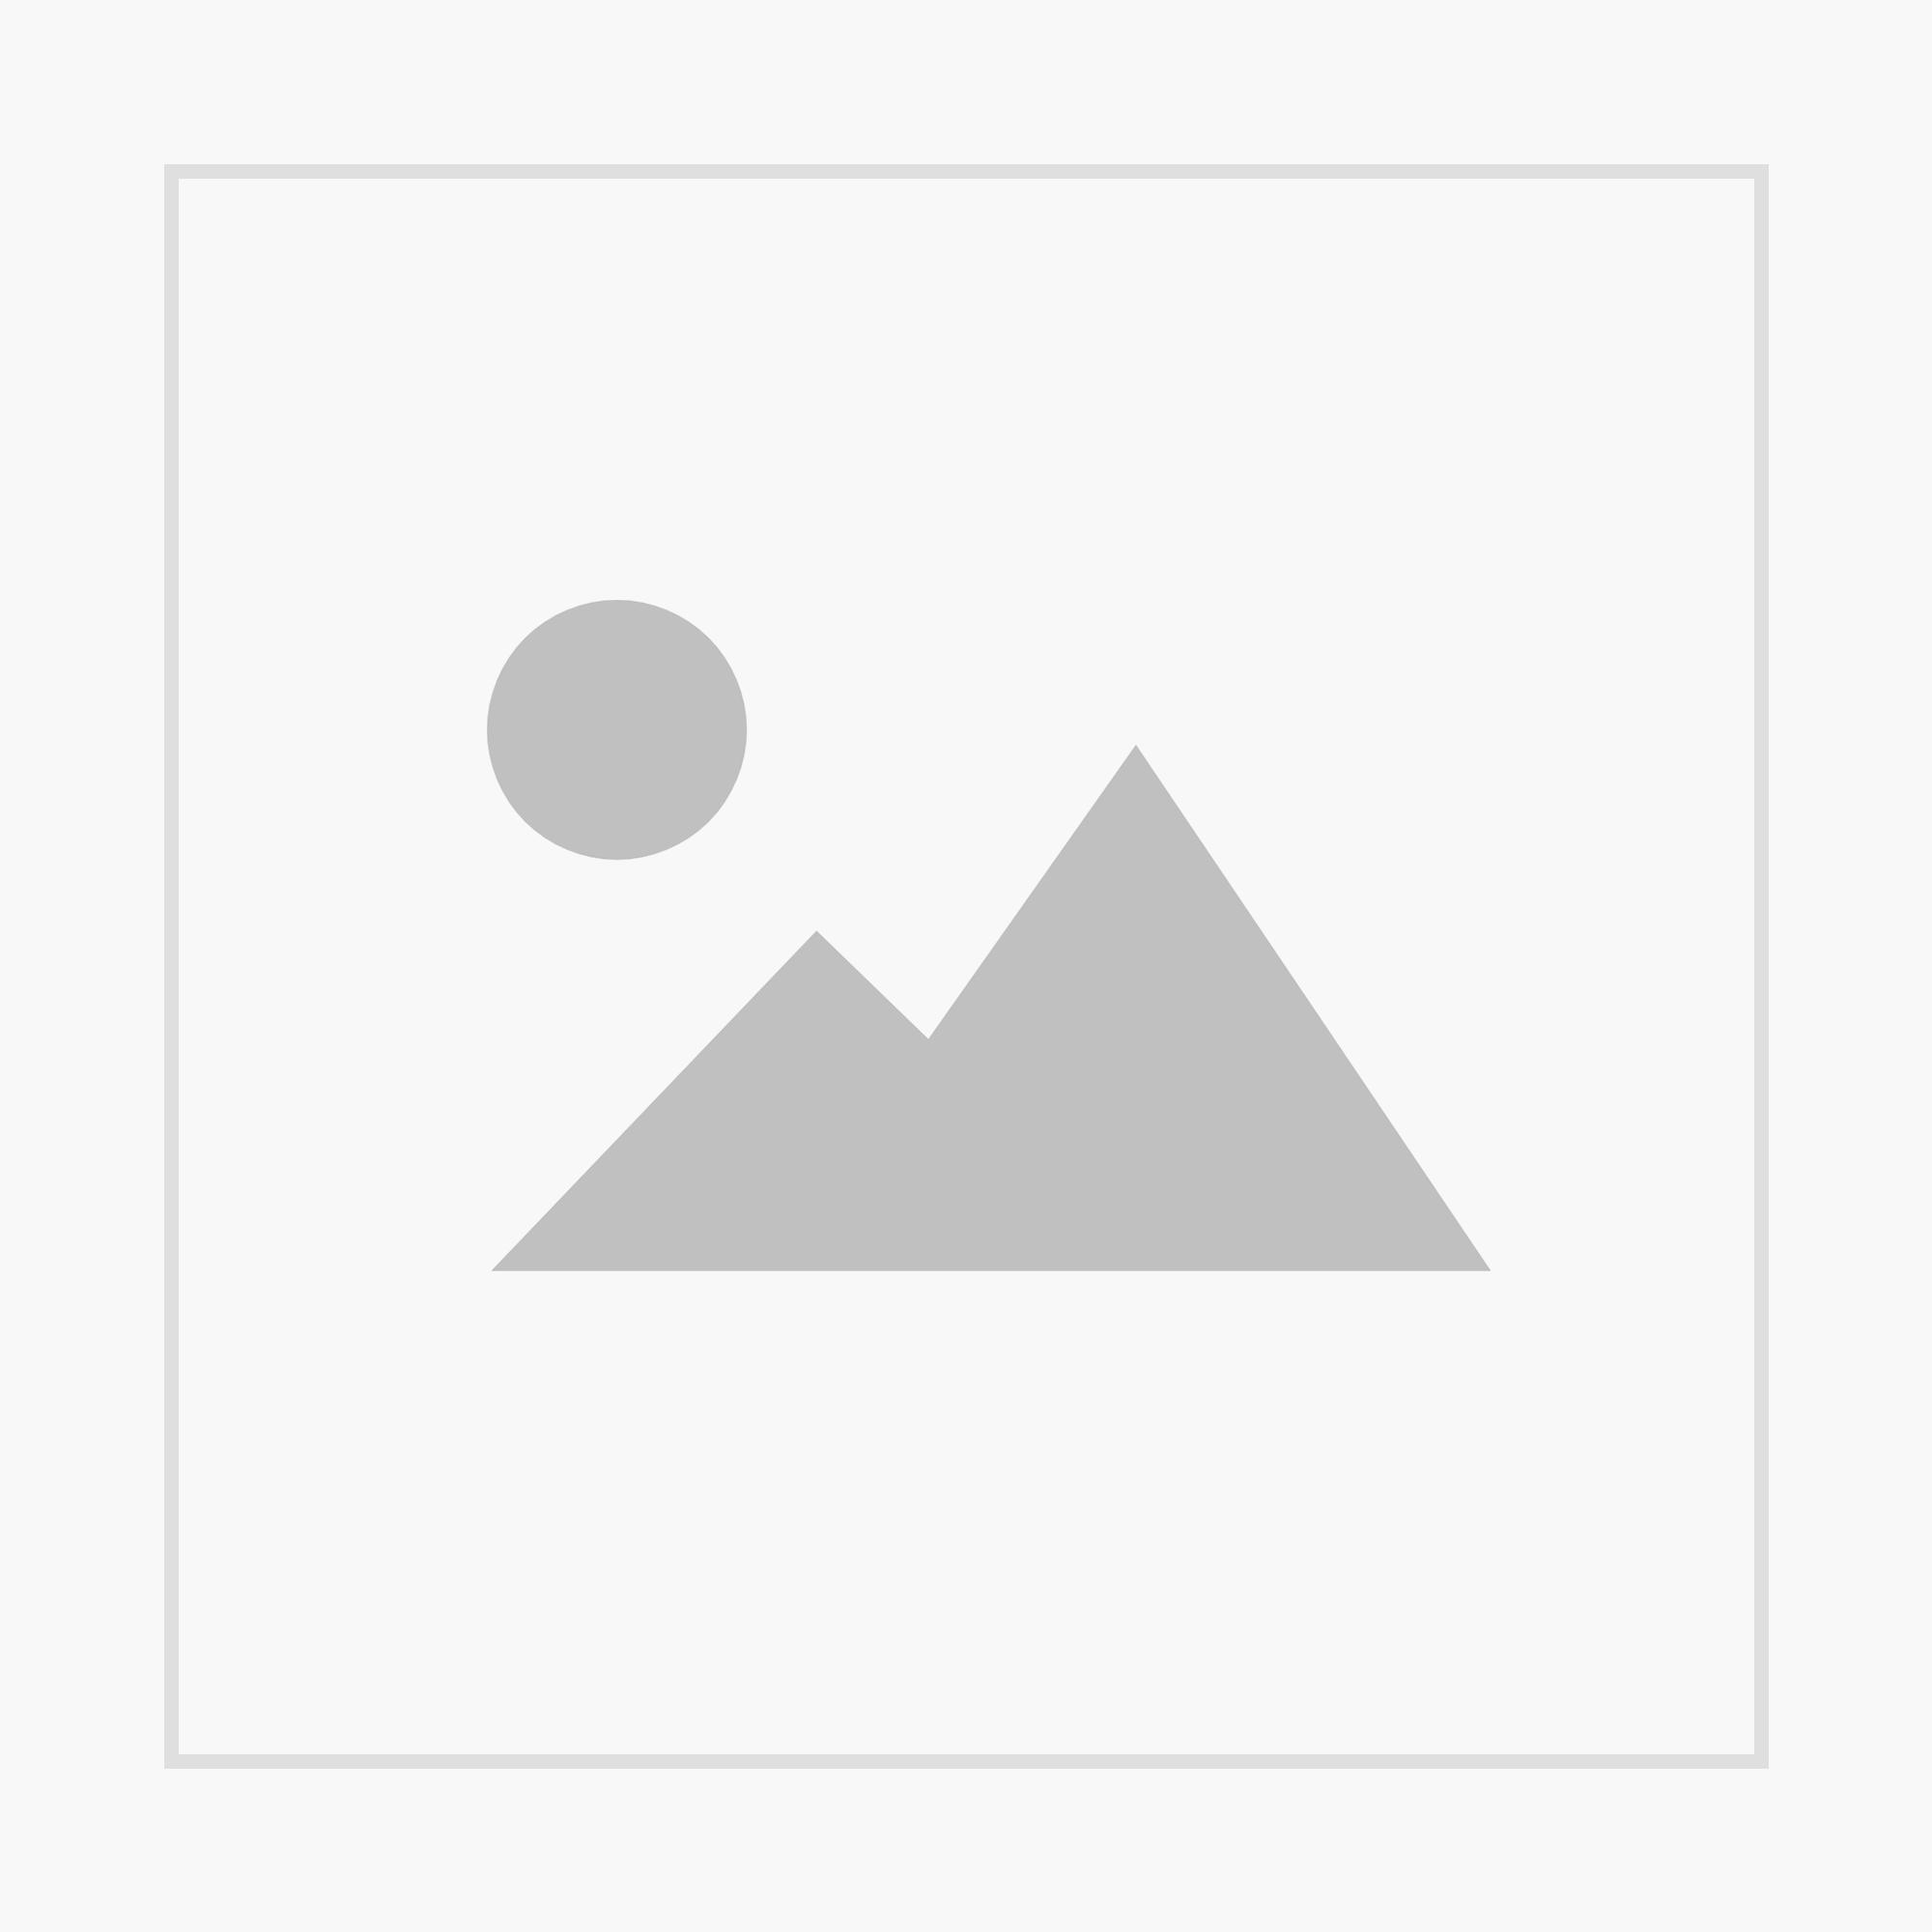 Pferde verstehen - Umgang und Bodenarbeit